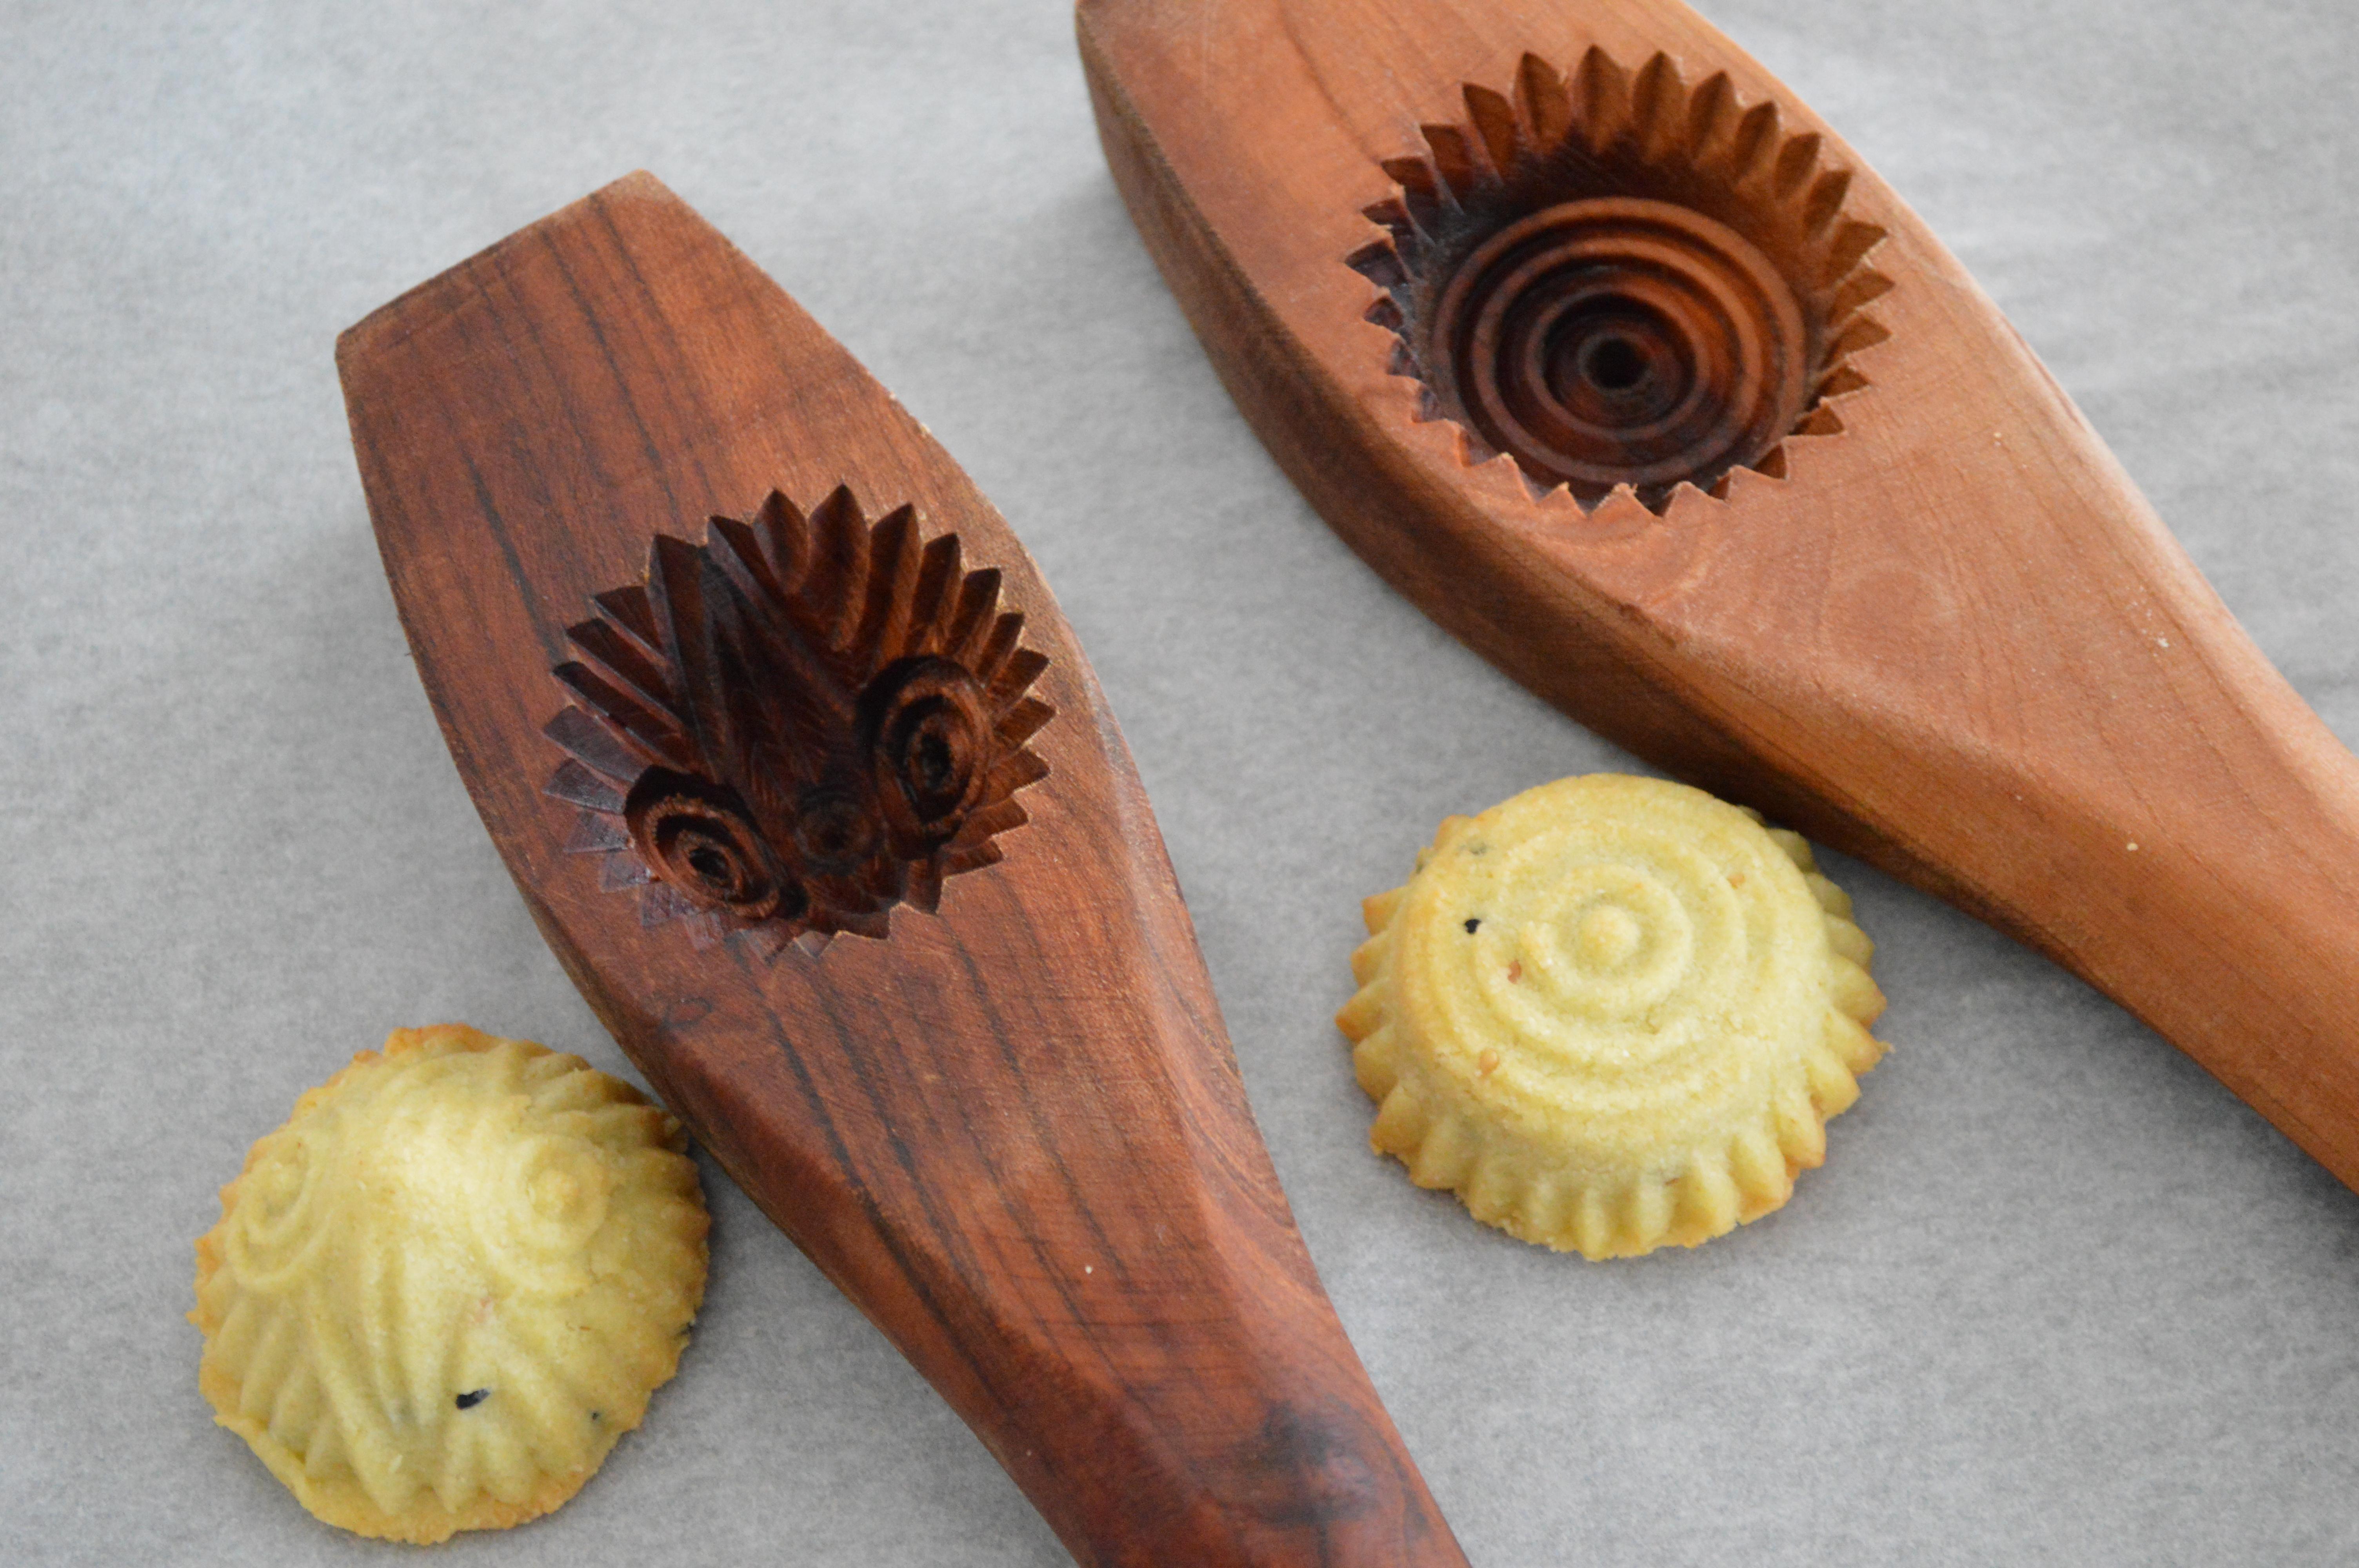 Maamoul aux dattes plaisir et equilibre - Pate a beignet avec levure de boulanger ...